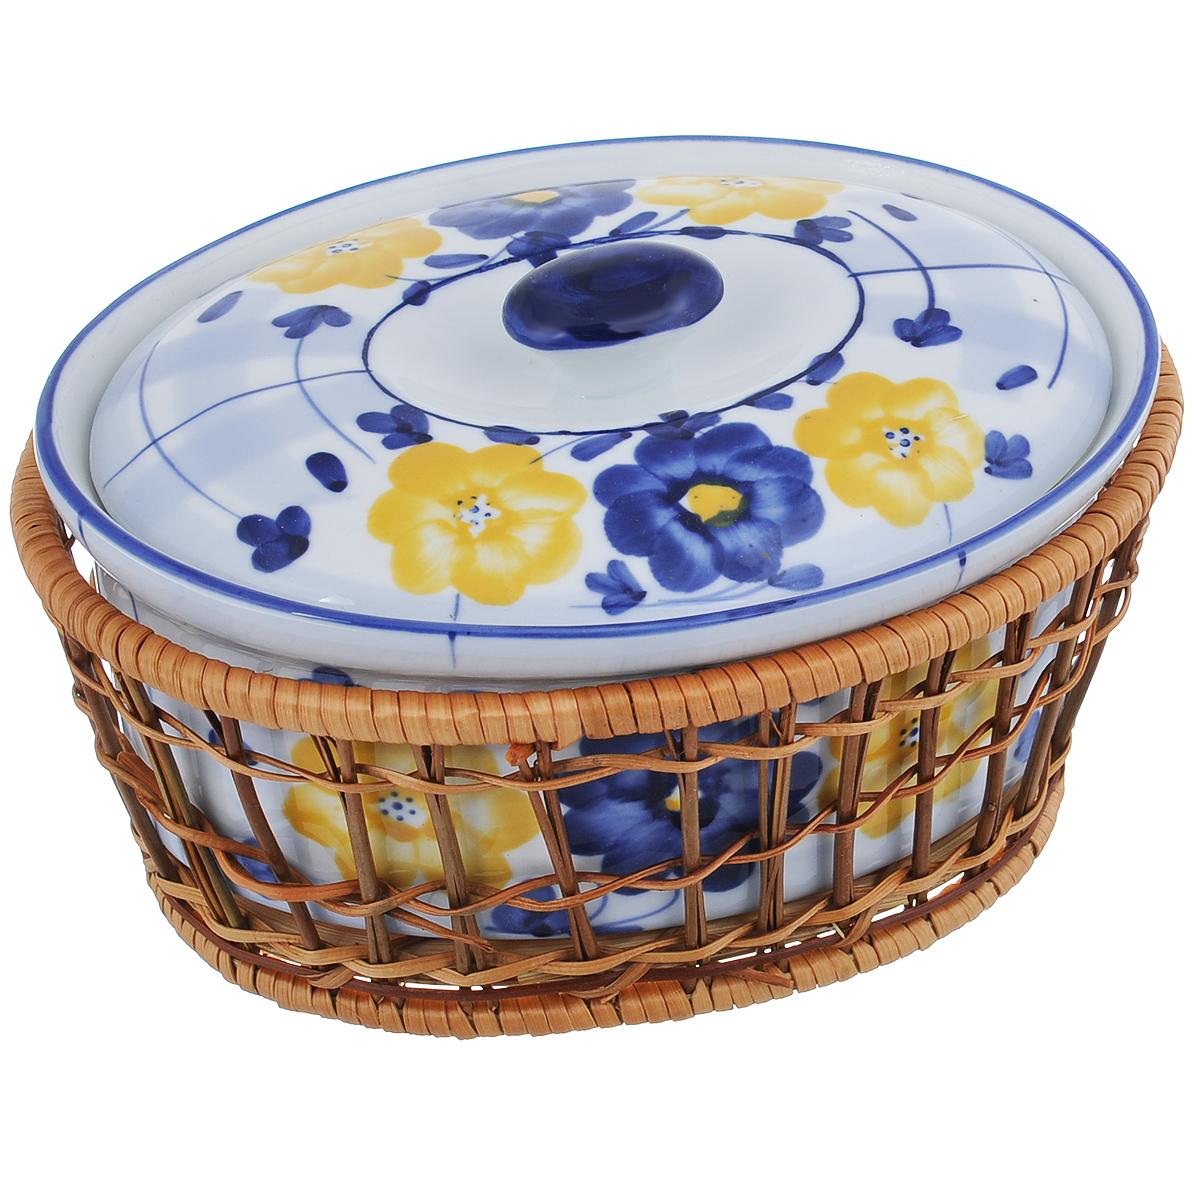 Кастрюля Loraine с крышкой, на подставке, 900 мл372Кастрюля Loraine, изготовленная из жаропрочной керамики, подходит для любого вида пищи. Элегантный дизайн идеально подходит для современного дома. В комплект входит крышка и плетеная корзина-подставка, изготовленная из ротанга. Изделия из керамики идеально подходят как для приготовления пищи, так и для подачи на стол. Материал не содержит свинца и кадмия. С такой кастрюлей вы всегда сможете порадовать своих близких оригинальным блюдом. Изделие можно использовать в духовке и холодильнике. Можно мыть в посудомоечной машине.